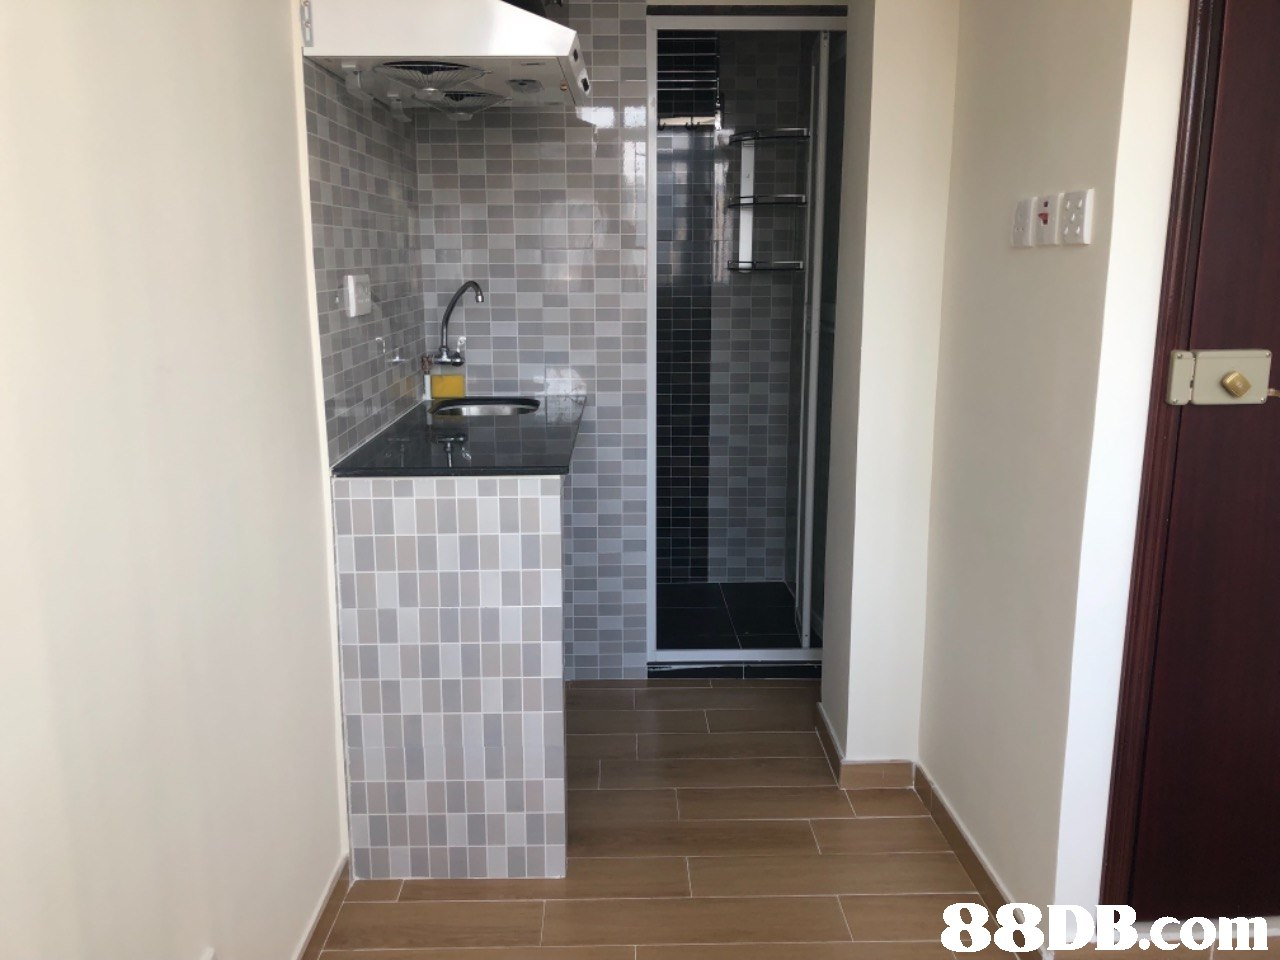 Property,Room,Tile,Floor,Building